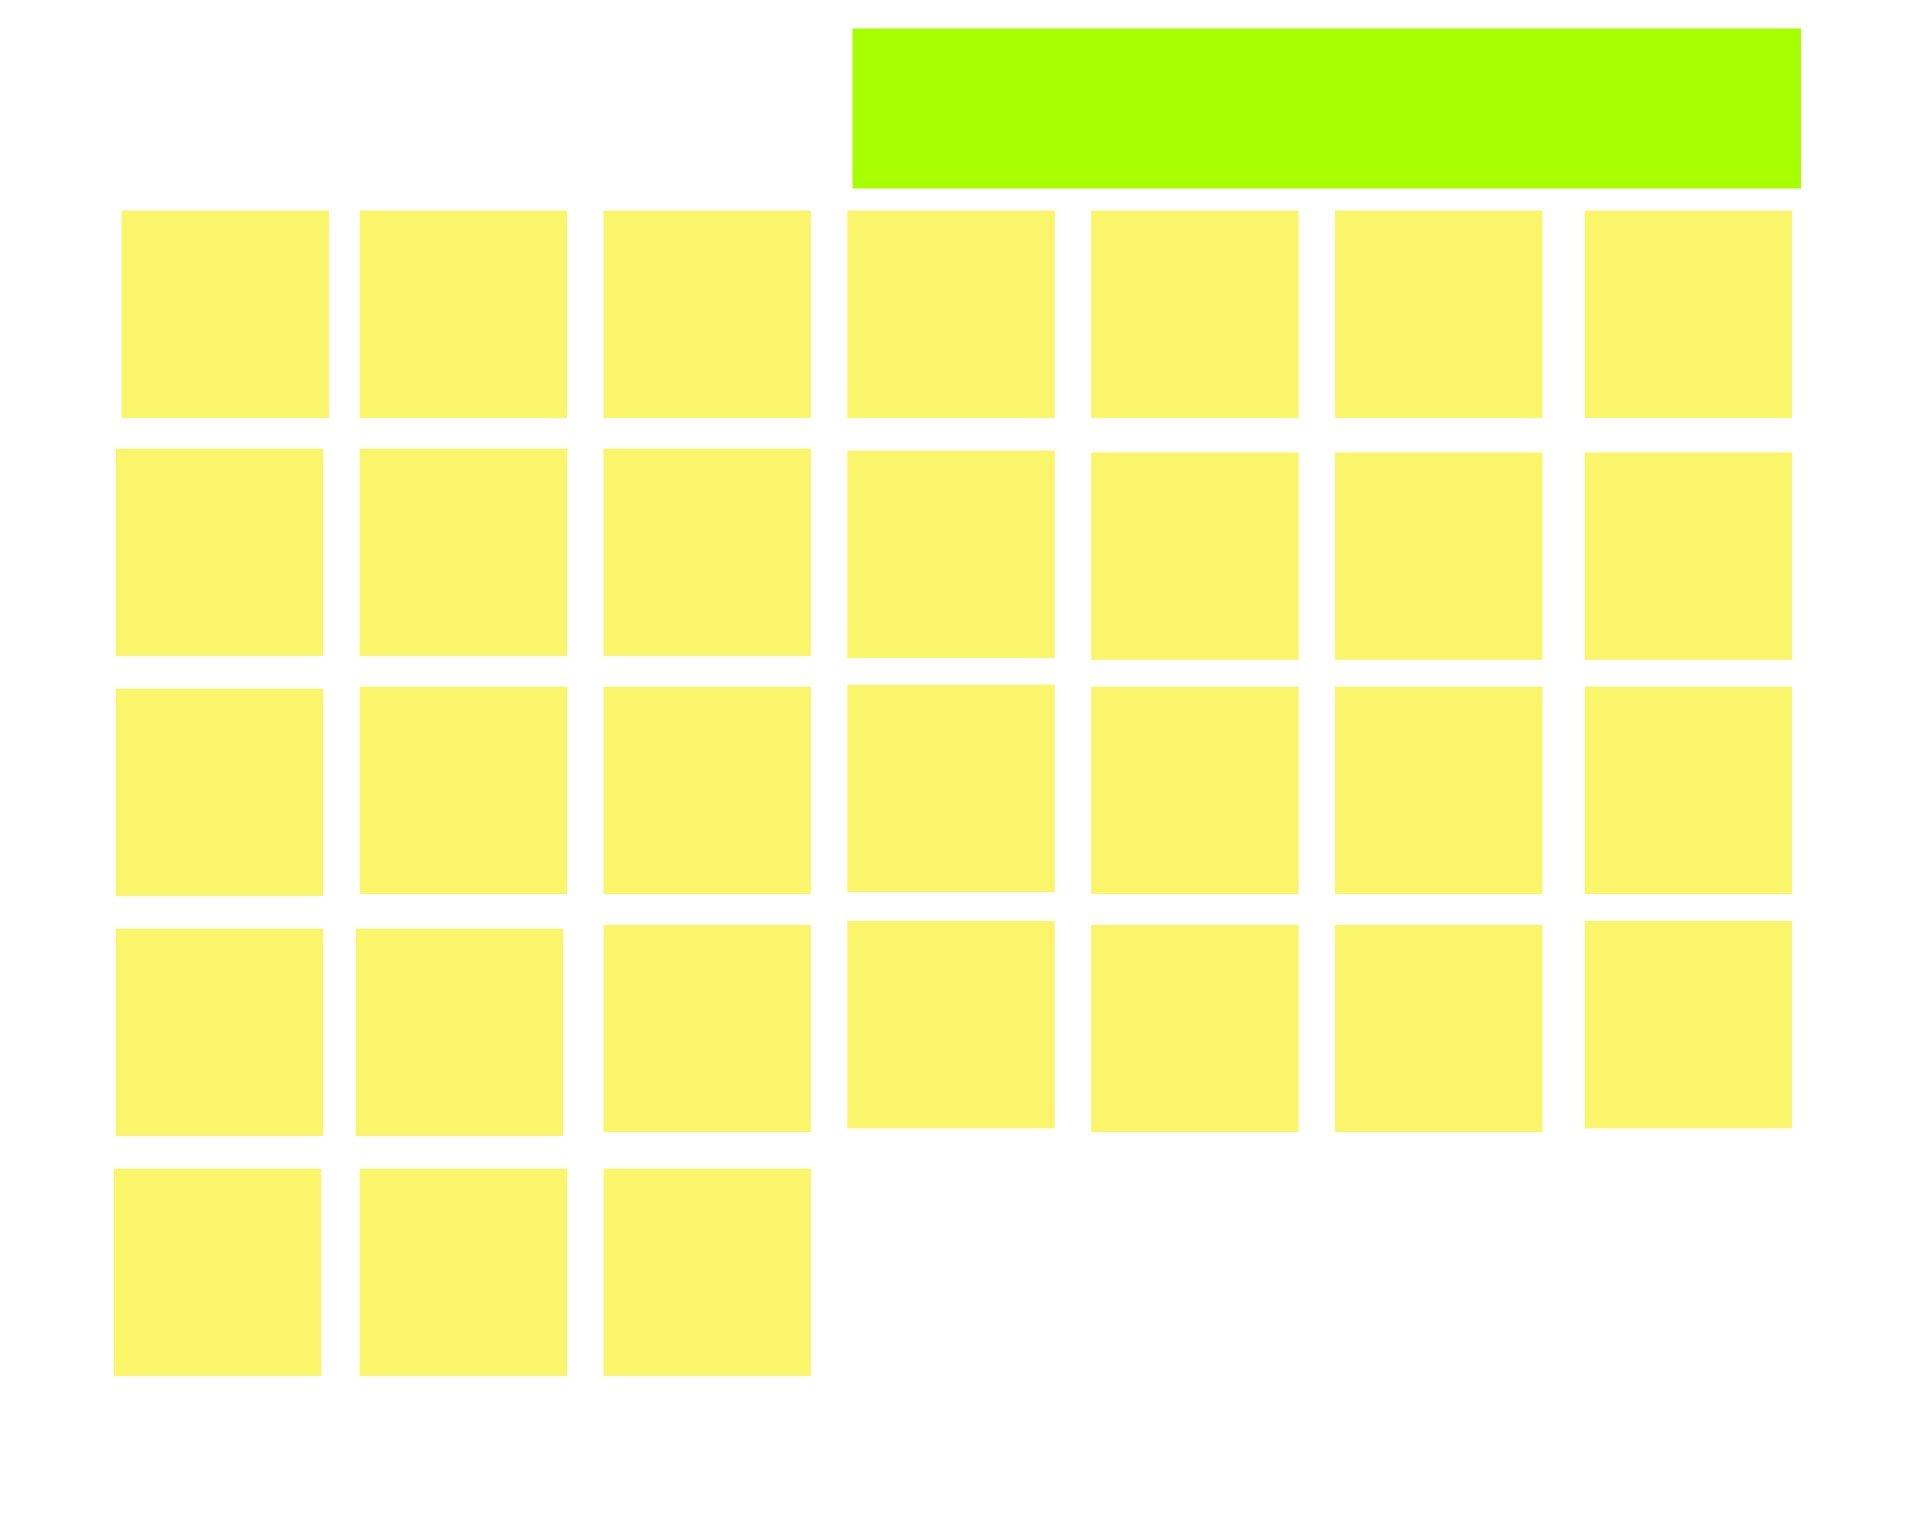 Пустой Календарный Месяц 31 День Бесплатная Фотография Blank 31 Day Calendar Where You Can